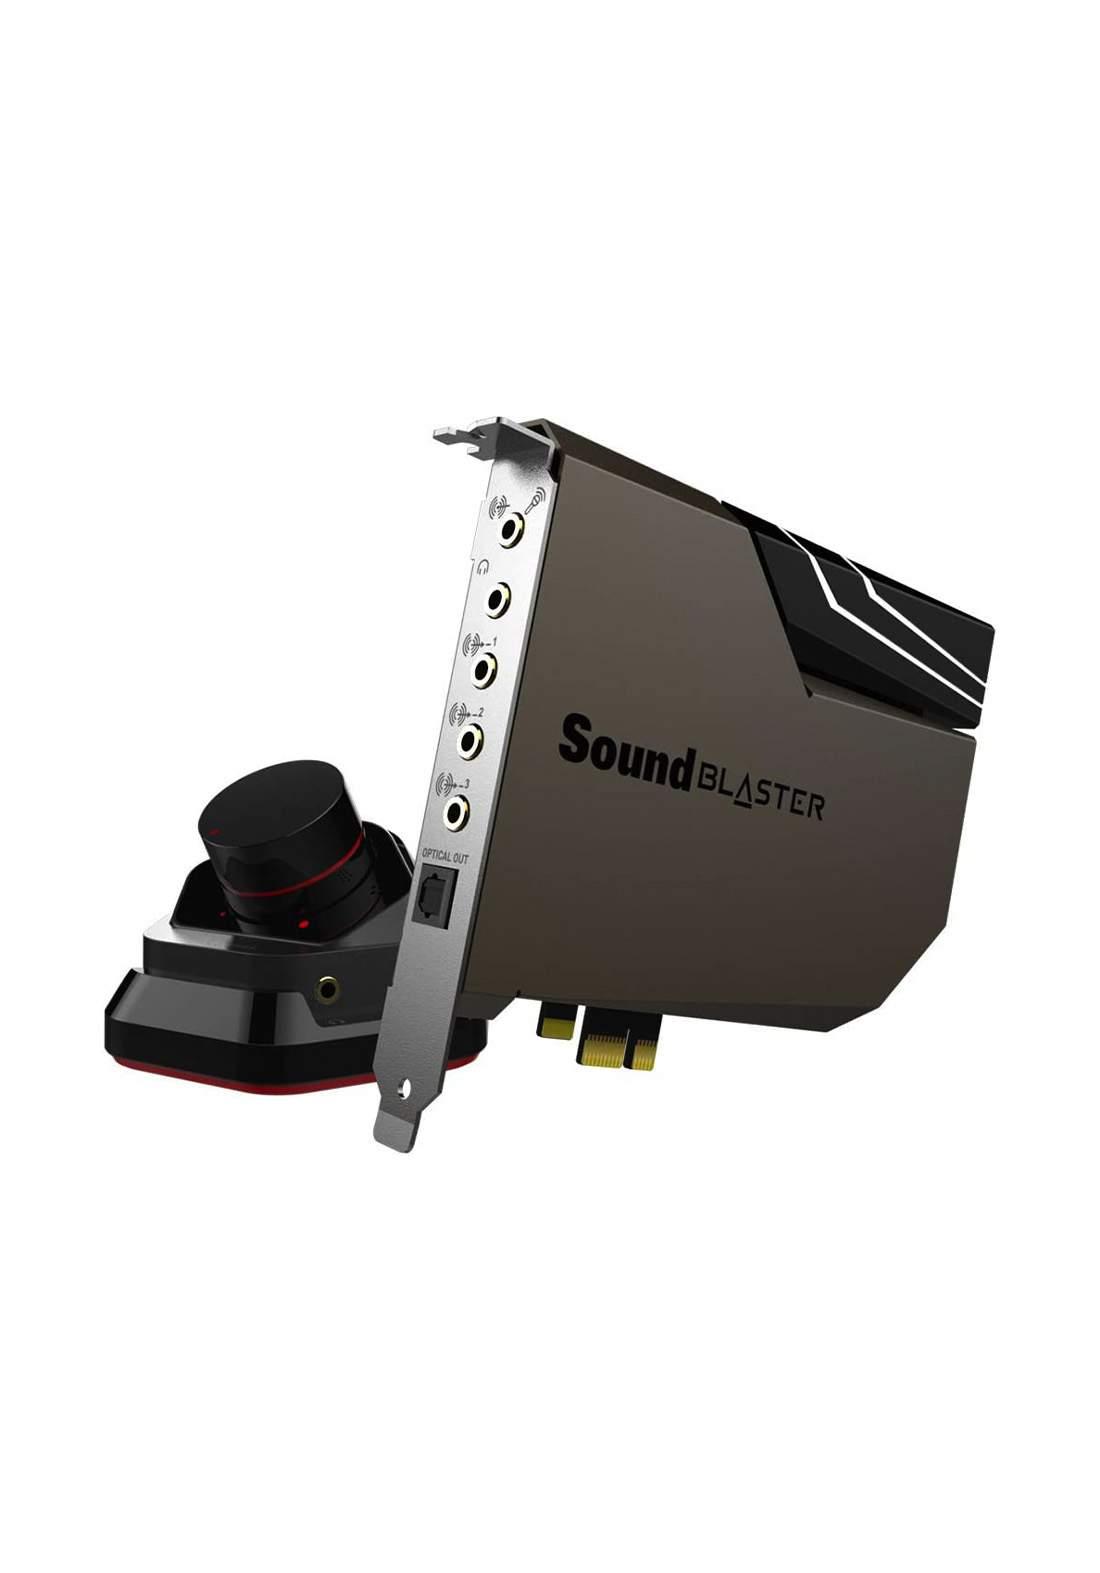 Creative Sound Blaster AE-7 Sound Card